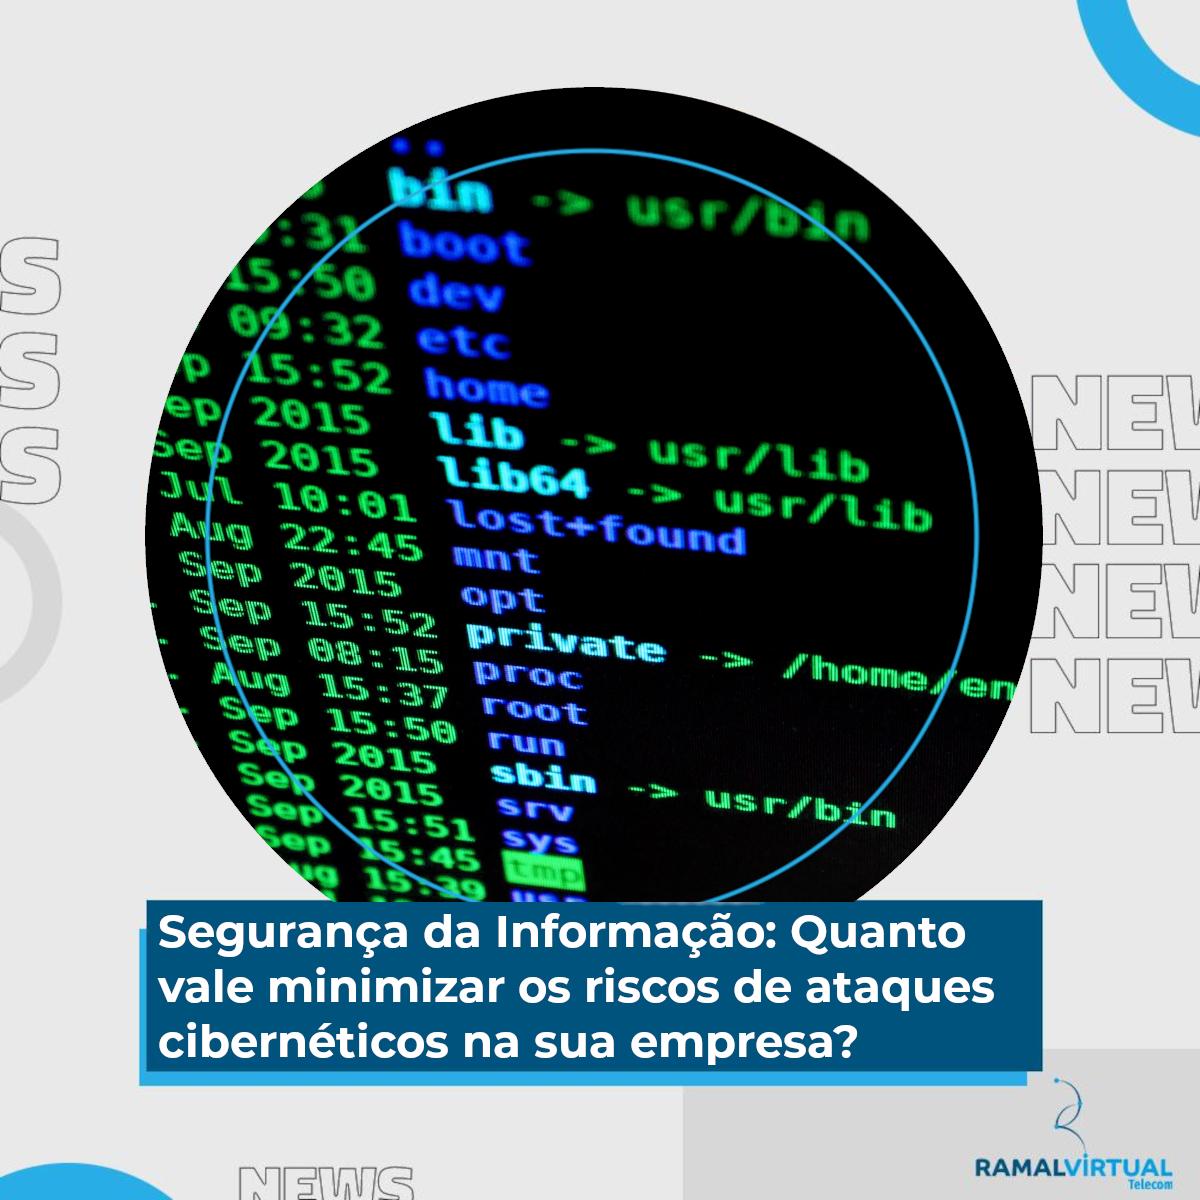 [Segurança da Informação: Quanto vale minimizar os riscos de ataques cibernéticos na sua empresa?]